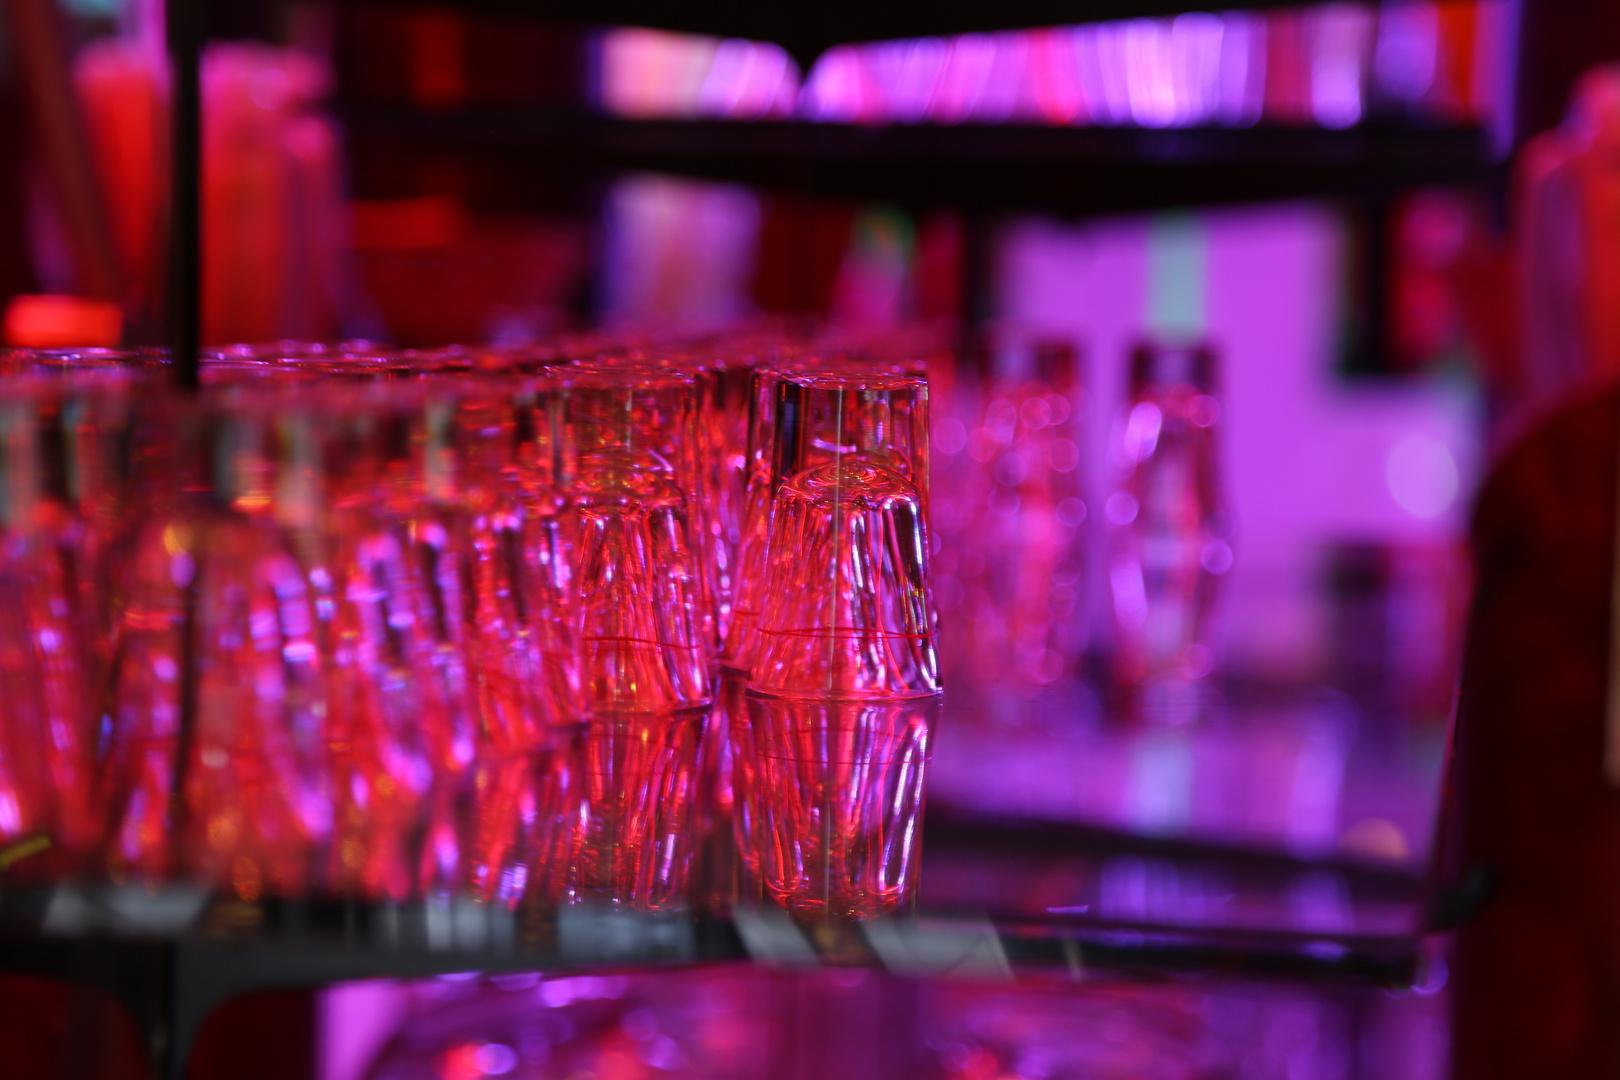 Glas und Farbenspiel